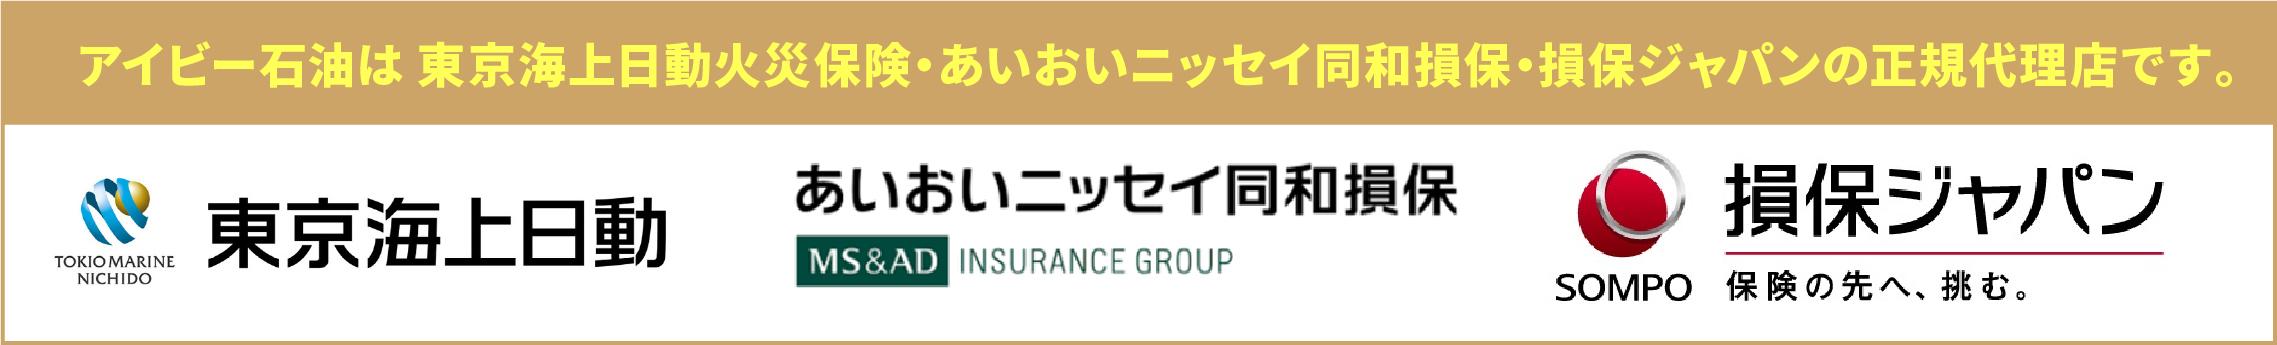 アイビー石油は 東京海上日動火災保険・あいおいニッセイ同和損保・損保ジャパンの正規代理店です。